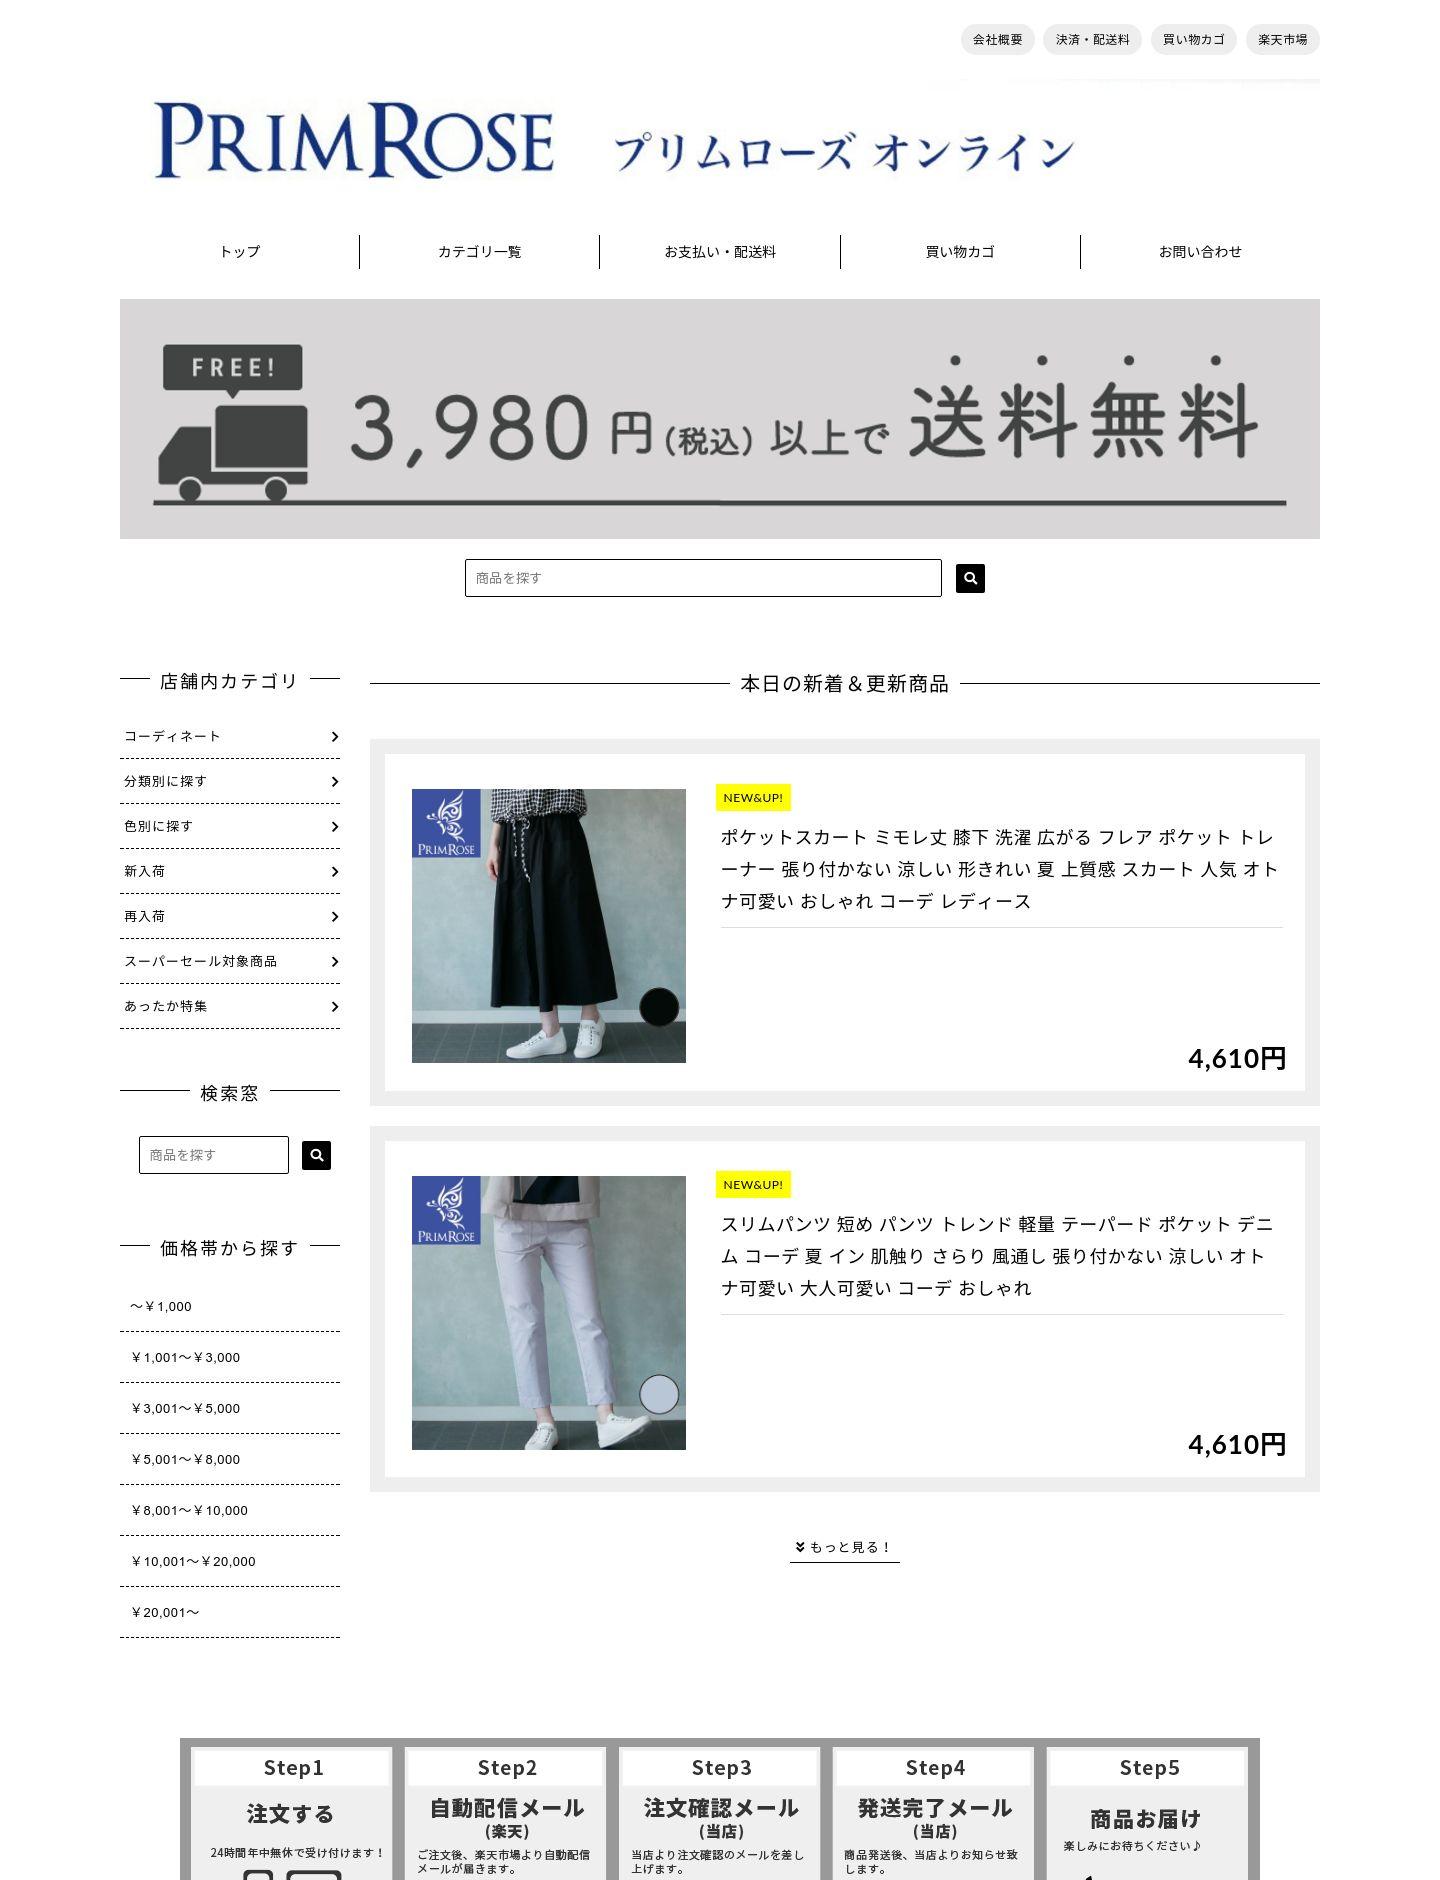 プリムローズオンライン様 サイト画像